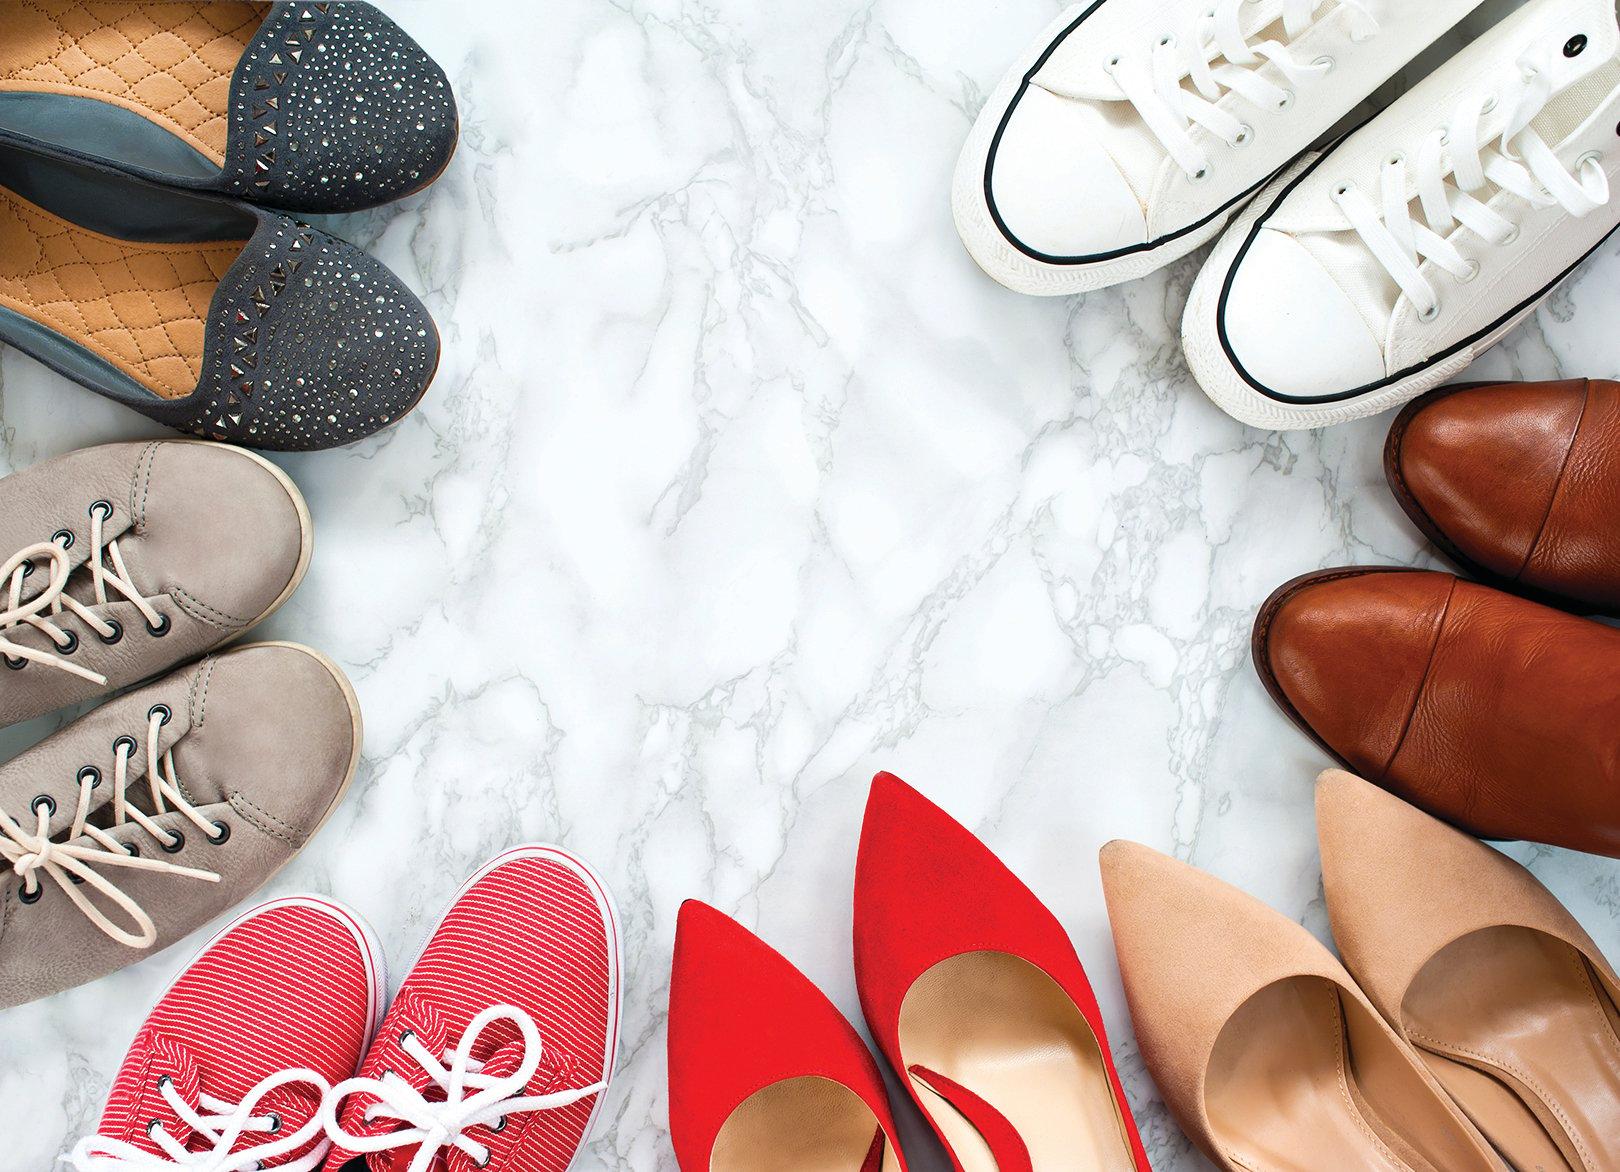 優質的鞋油能滋潤皮革油脂,防止皮革因天候等不良因素乾裂褪色。